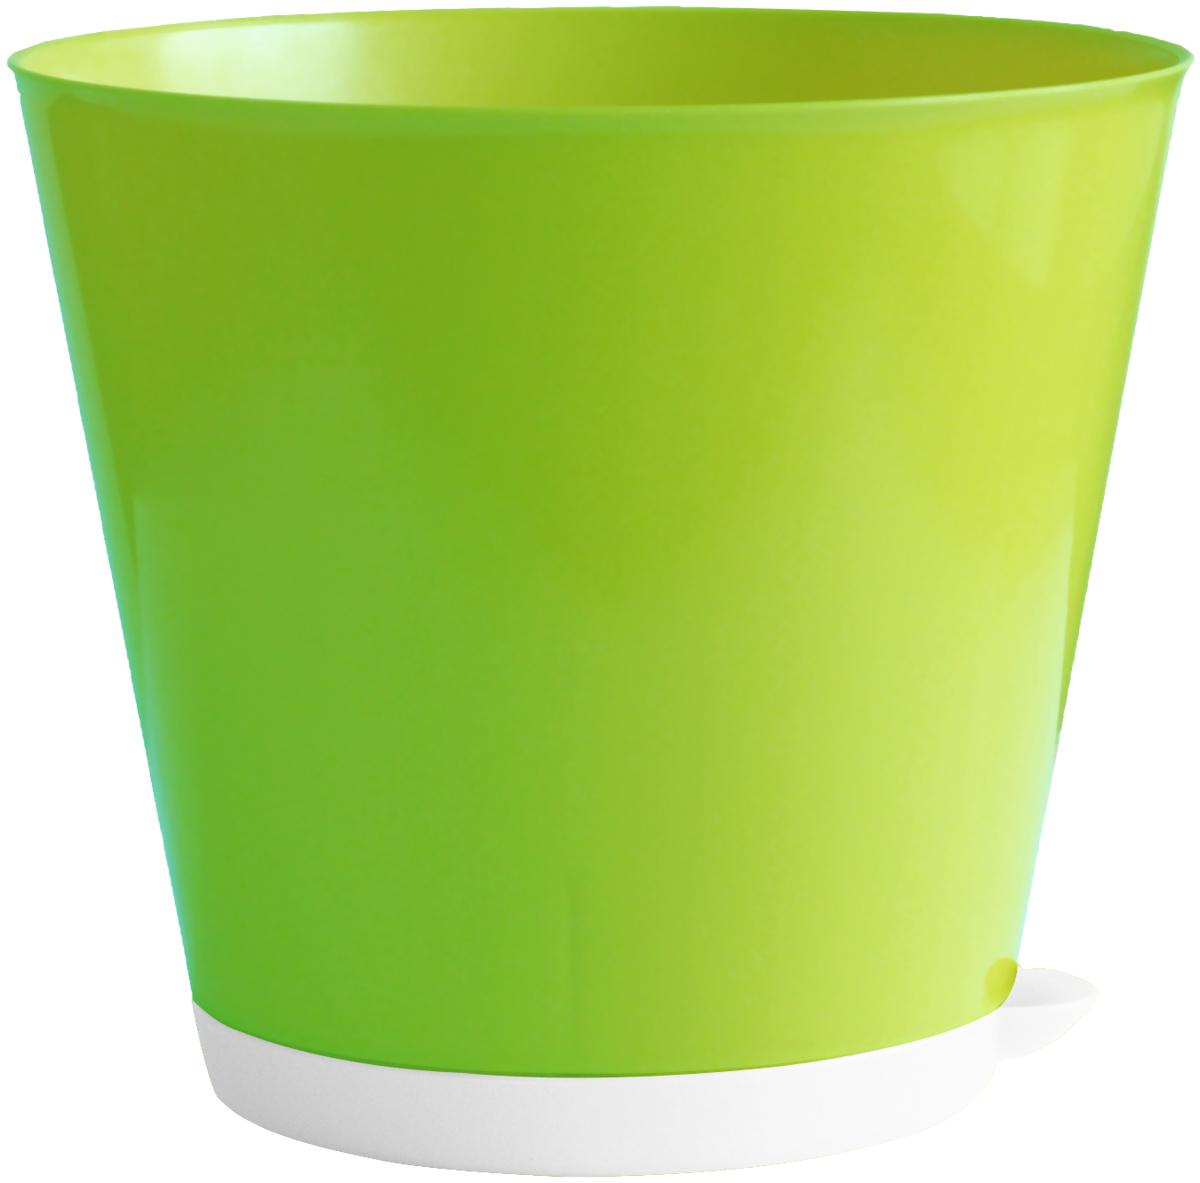 """Горшок InGreen """"Крит"""", выполненный из высококачественного полипропилена (пластика), предназначен для выращивания комнатных цветов, растений и трав. Специальная конструкция обеспечивает вентиляцию в корневой системе растения, а дренажные отверстия позволяют выходить лишней влаге из почвы. Крепежные отверстия и штыри прочно крепят подставку к горшку. Прикорневой полив растения осуществляется через удобный носик. Система прикорневого полива позволяет оставлять комнатное растение без внимания тем, кто часто находится в командировках или собирается в отпуск и не имеет возможности вовремя поливать цветы.Такой горшок порадует вас современным дизайном и функциональностью, а также оригинально украсит интерьер любого помещения. Объем горшка: 1,8 л.Диаметр горшка (по верхнему краю): 16 см.Высота горшка: 14,7 см."""